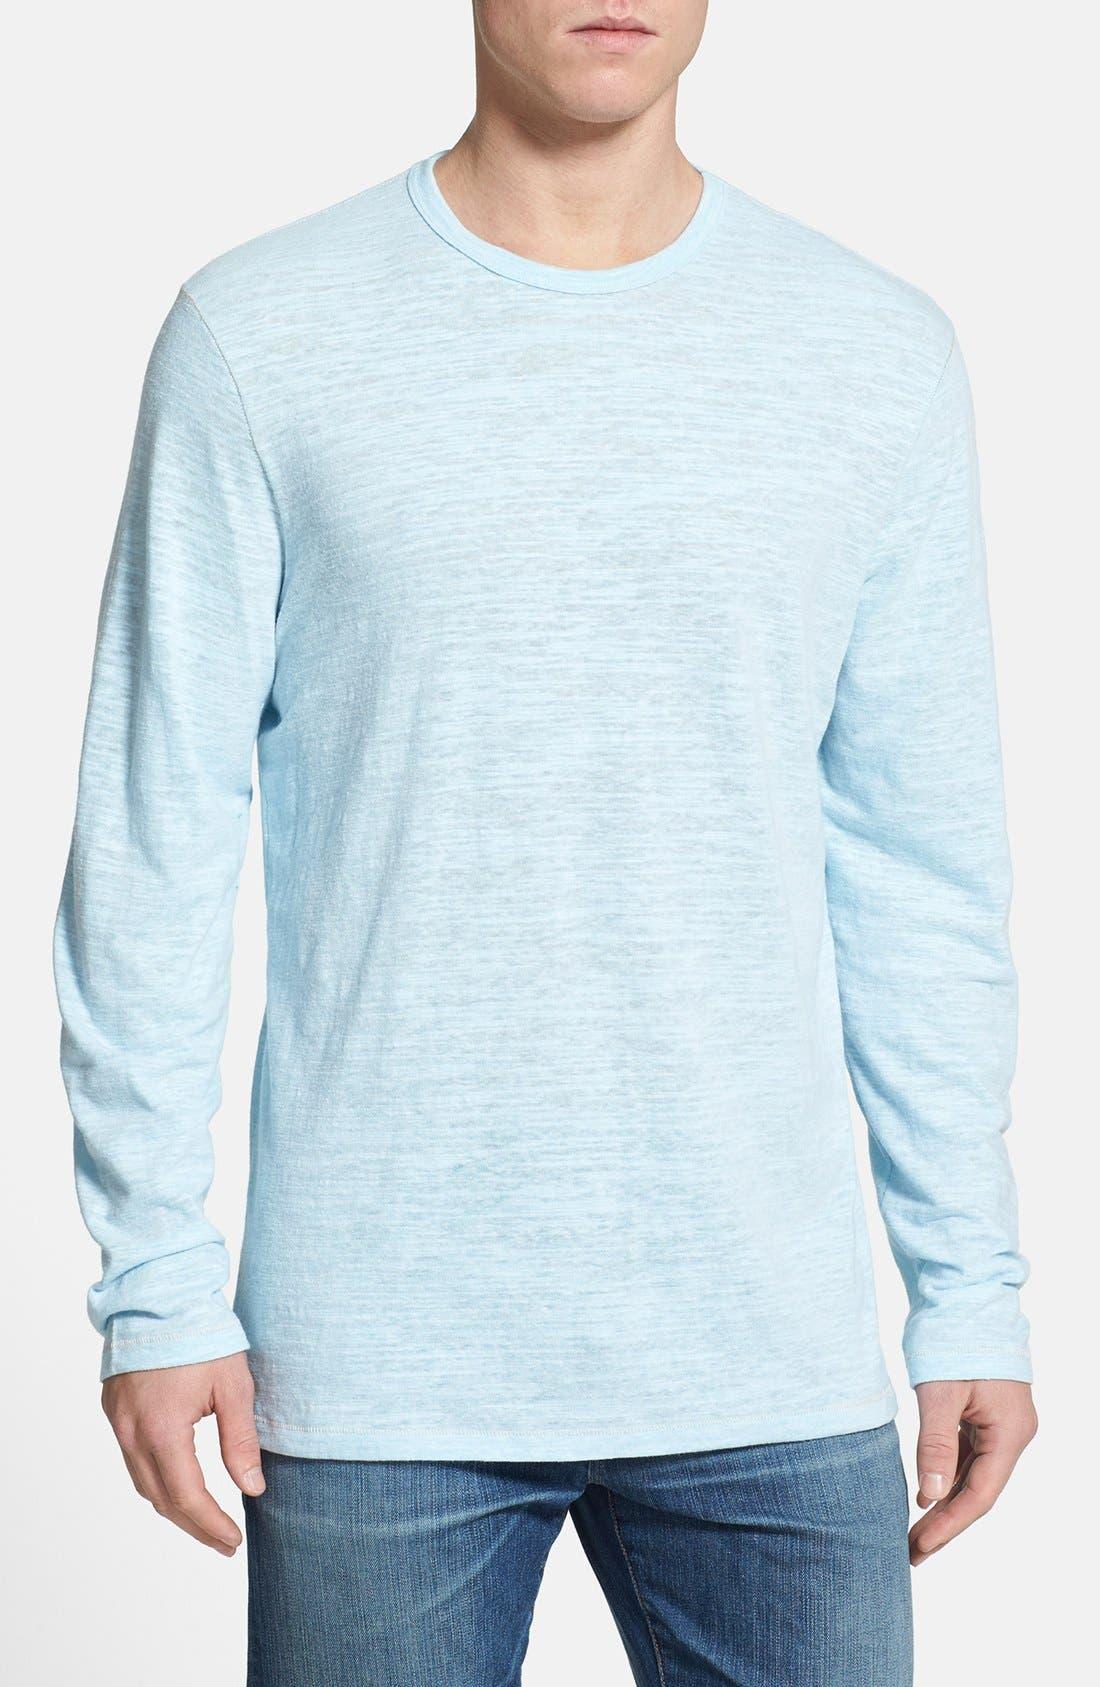 Alternate Image 1 Selected - Tommy Bahama 'Sunday Best' Long Sleeve Heathered T-Shirt